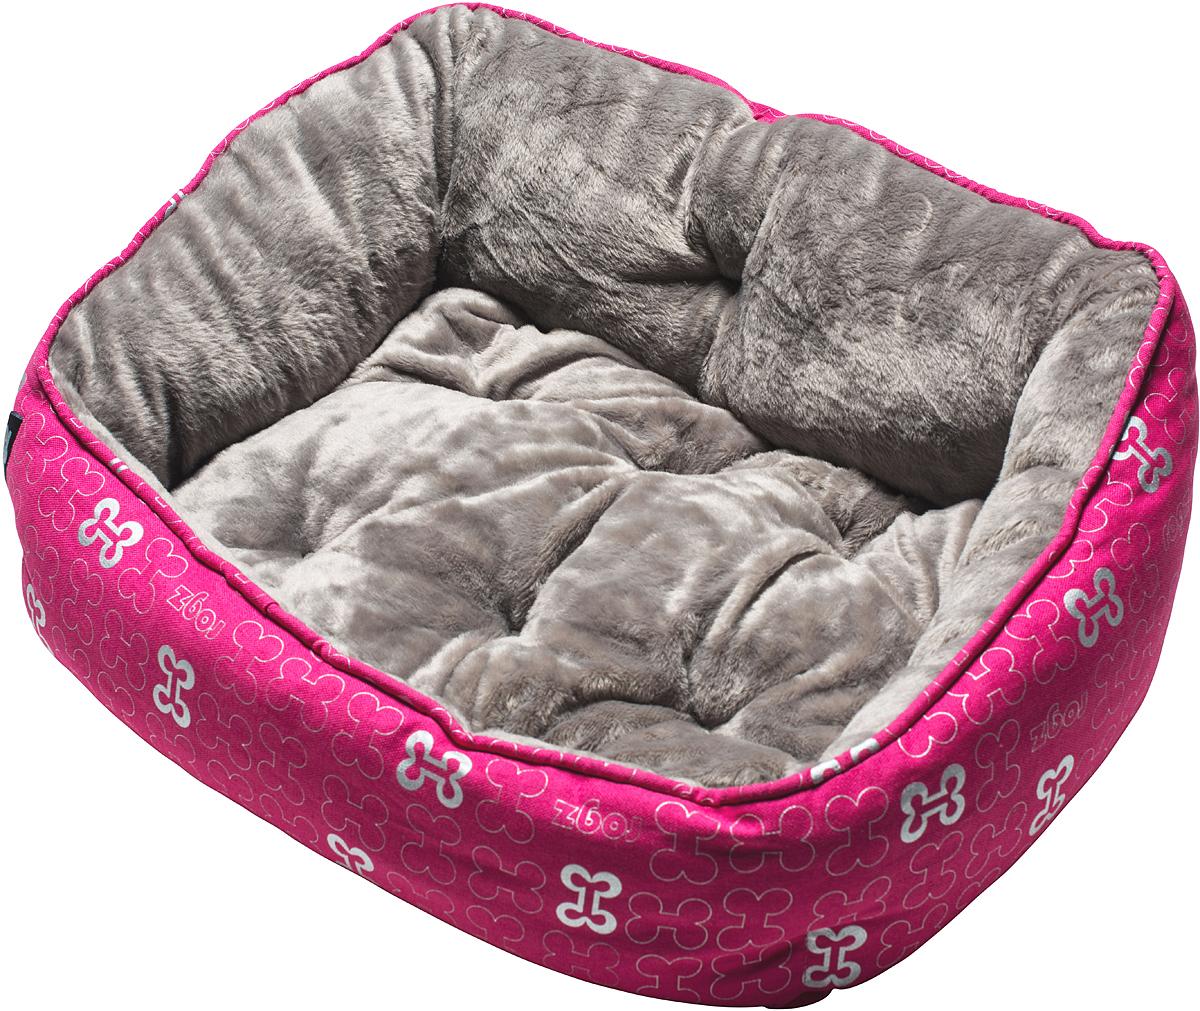 Лежак для собак Rogz Trendy Podz, цвет: розовый, 29 х 56 х 43 смFPM28Очень мягкий и комфортный лежак для собак Rogz Trendy Podz.Флисовые бортики внутри изделия.Двусторонняя подушка.Уникальный дизайн.Подвергается стирке.